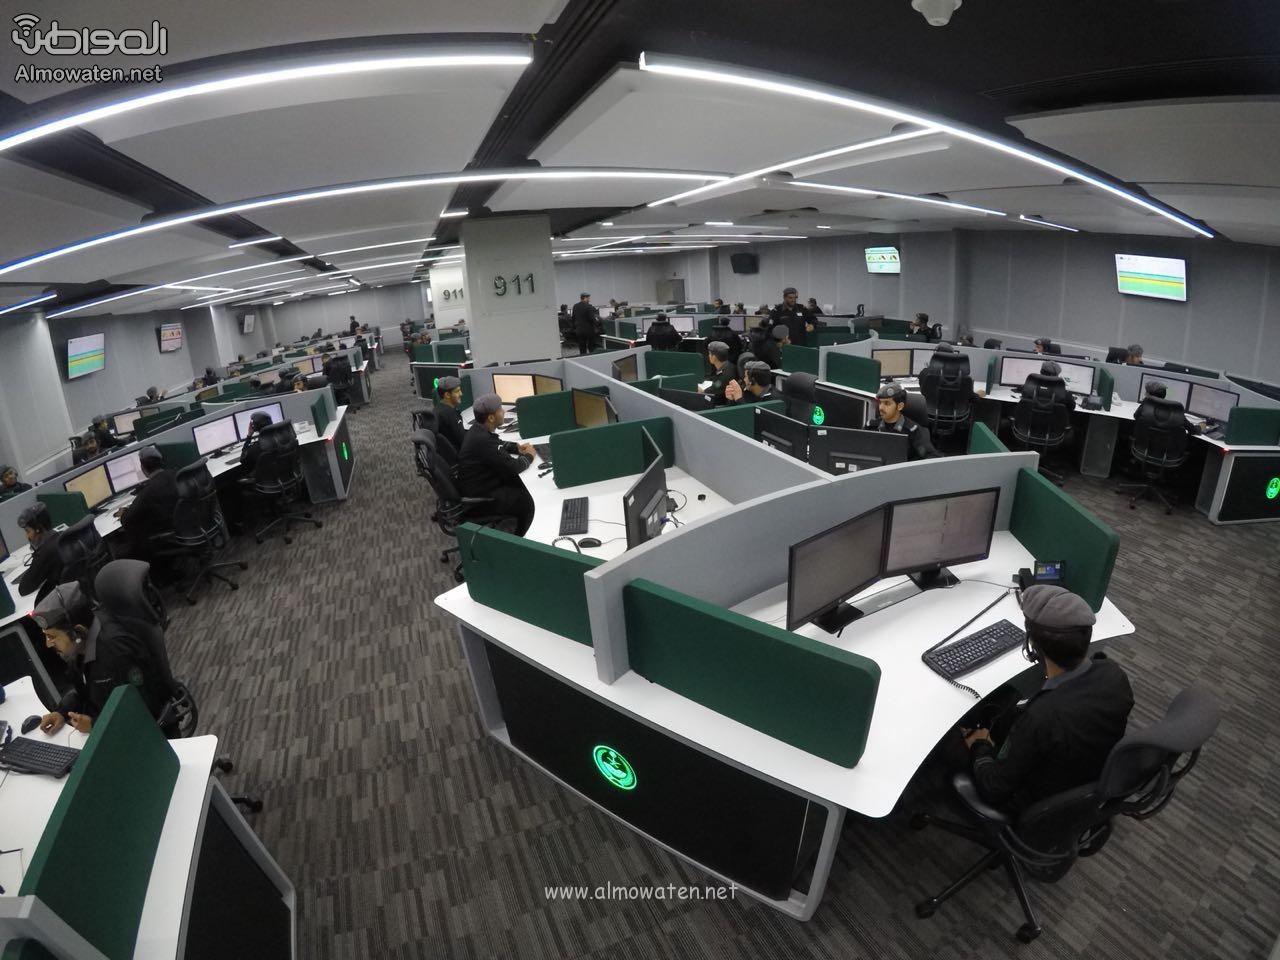 مركز العمليات الأمنية 911 10 11